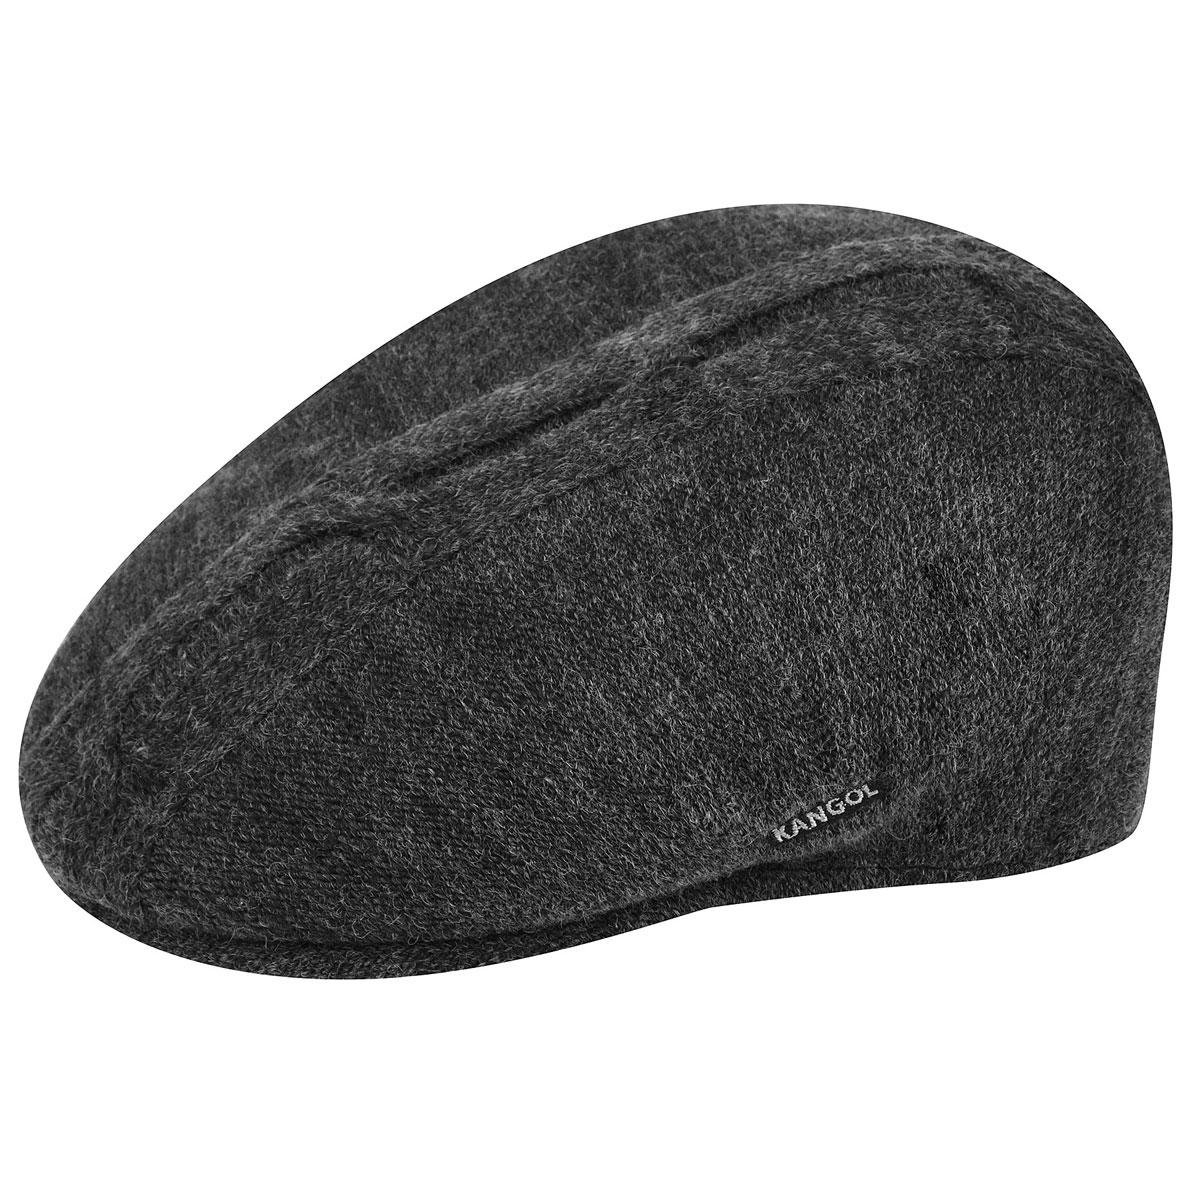 Kangol Mens Cable 504 Flat Ivy Cap Hat Cap